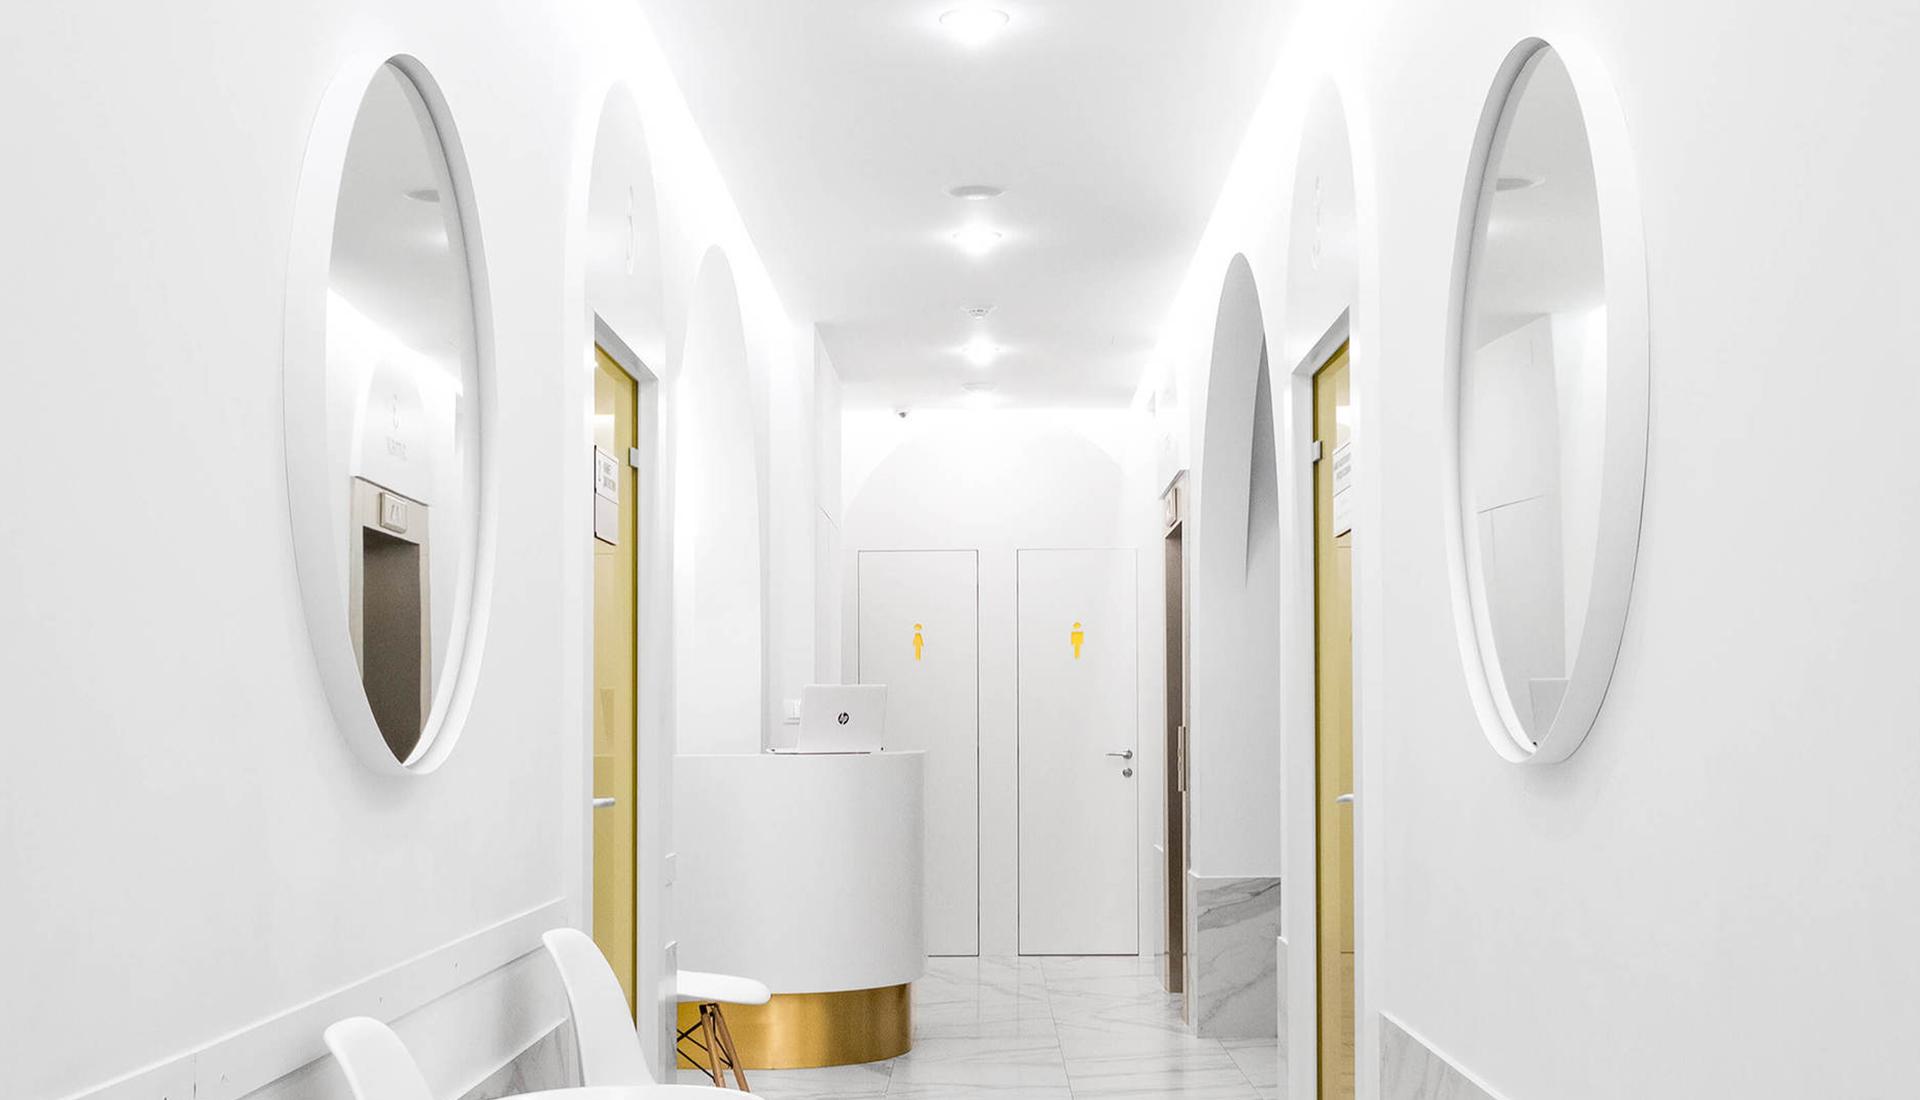 Клиника глазной хирургии в Москве по проекту Левана Давлианидзе и Hills Design Studio